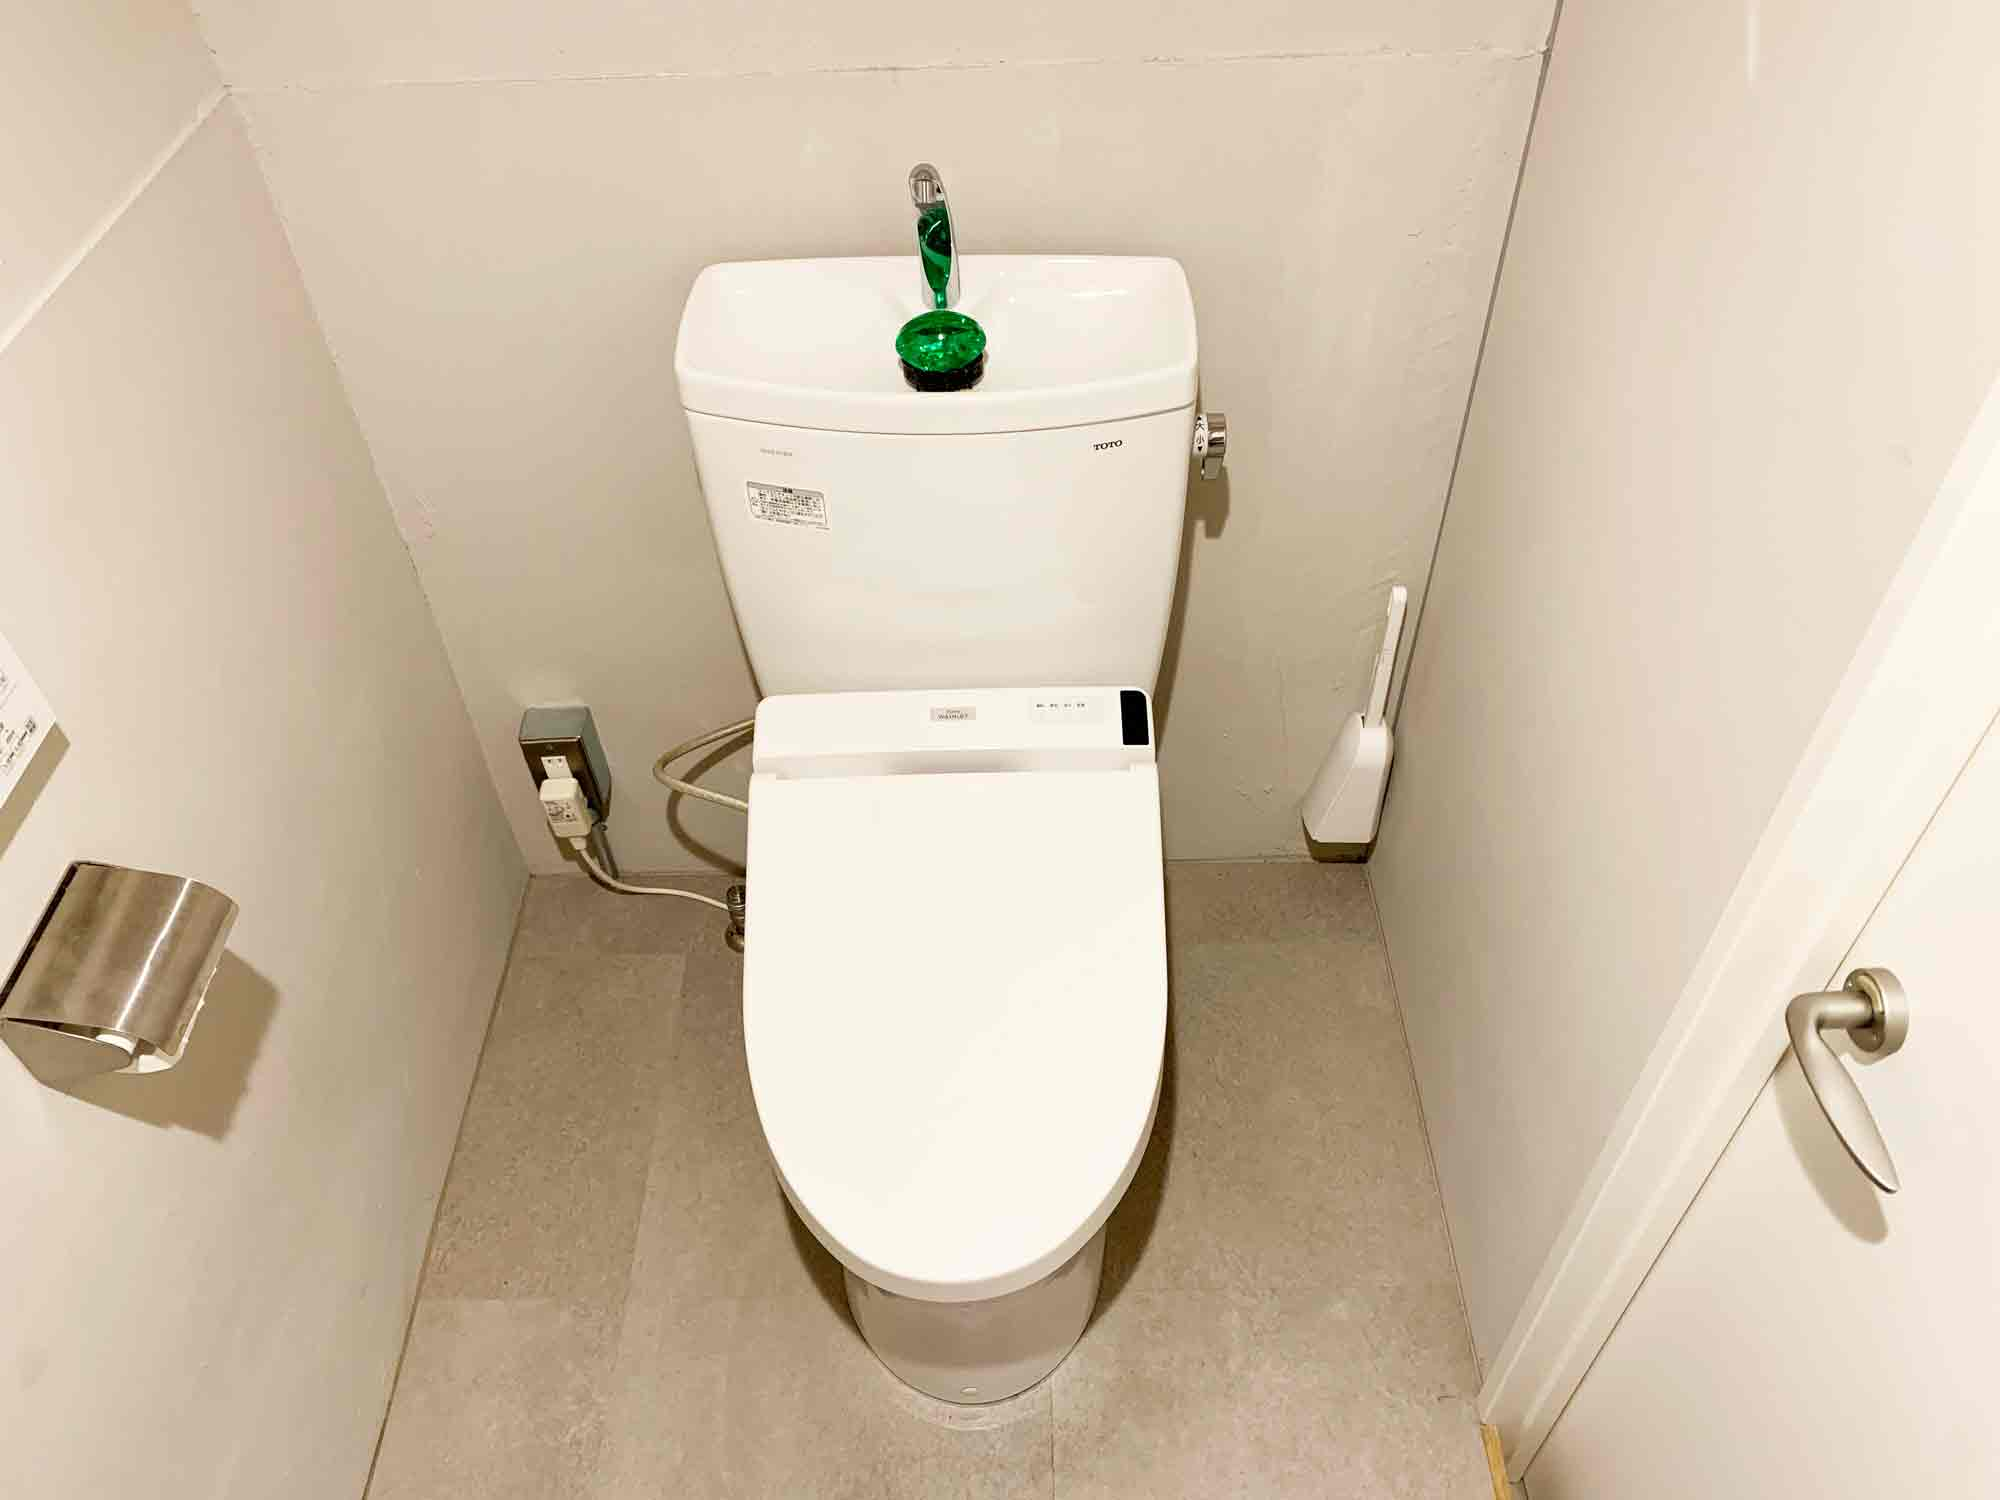 トイレブラシを壁に貼り付けて床に置かない状態になったトイレ